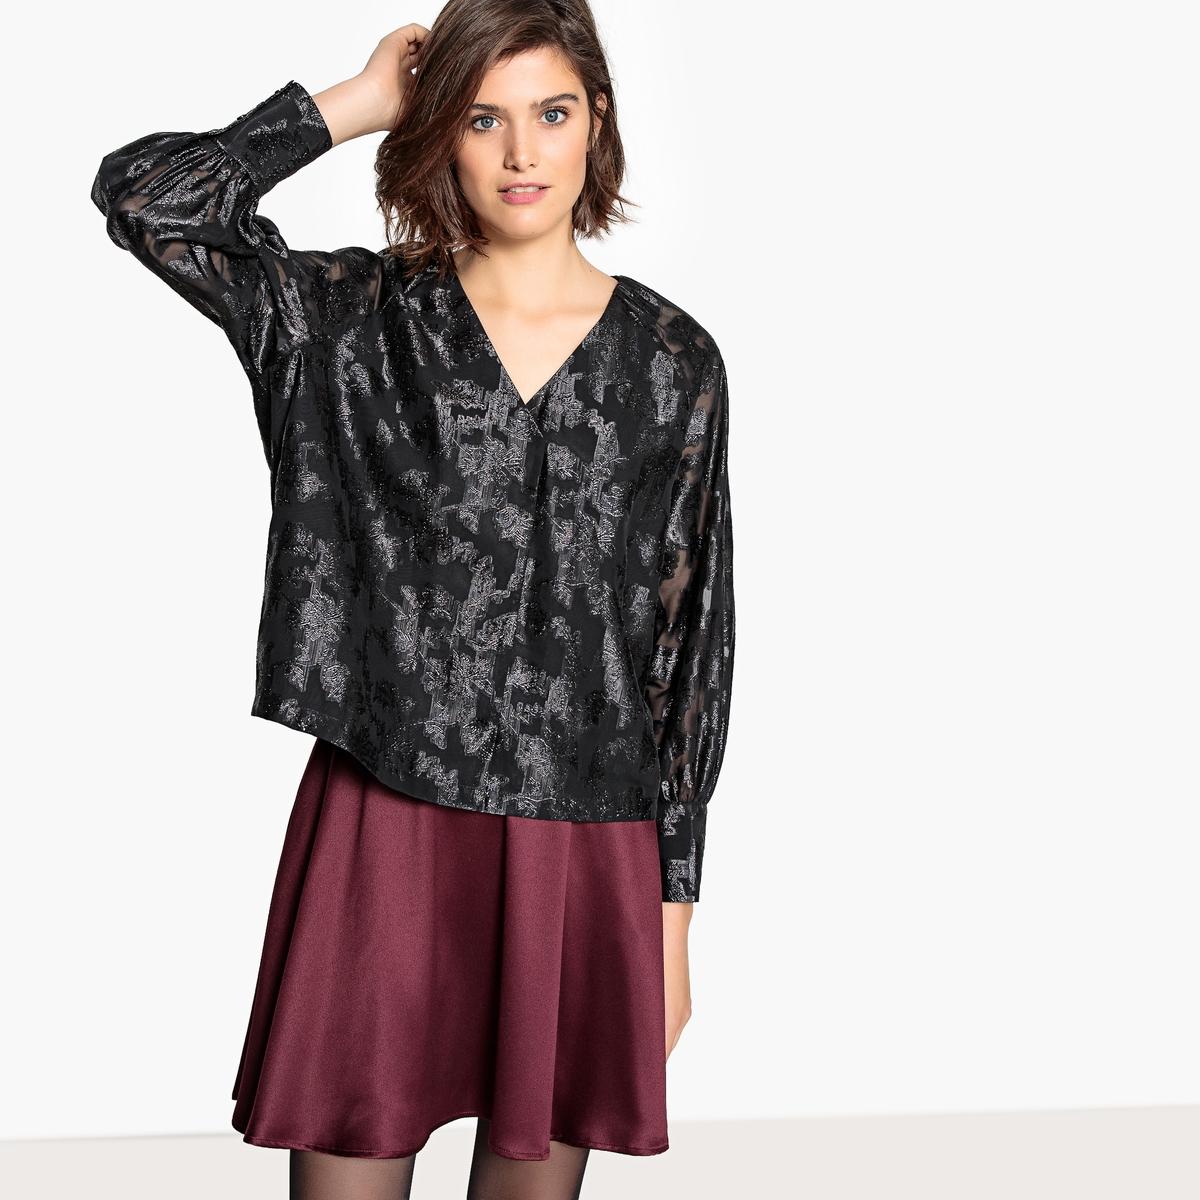 Blusa com decote em V, estampado jacquard, mangas compridas